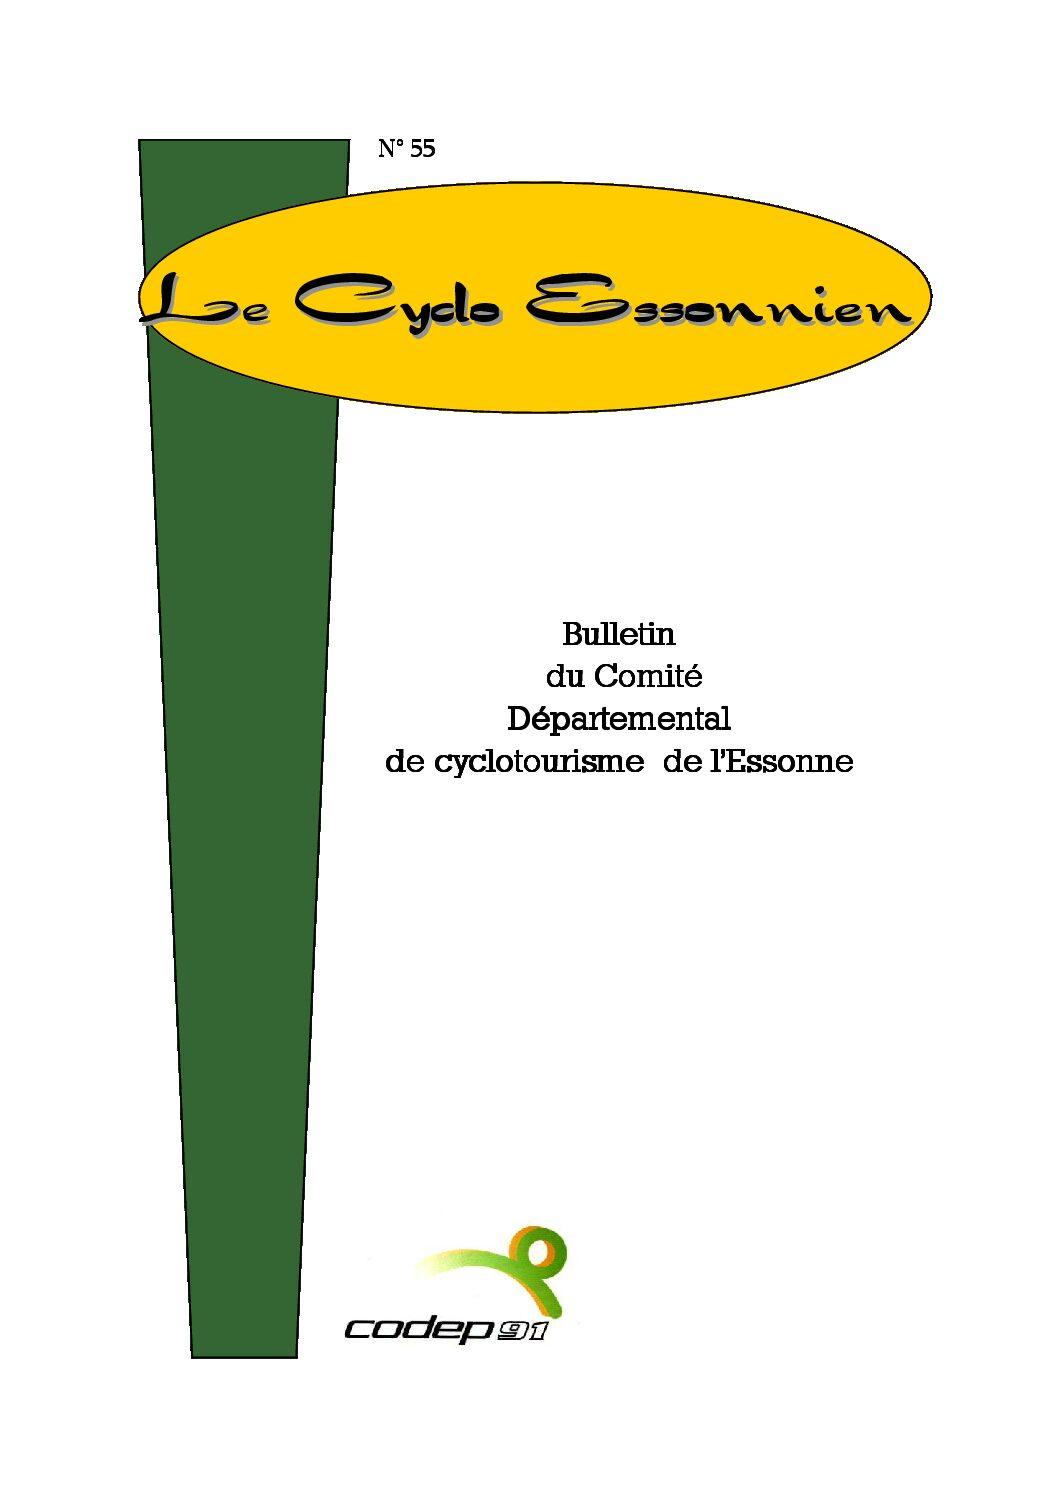 Le Cyclo Essonnien n°55